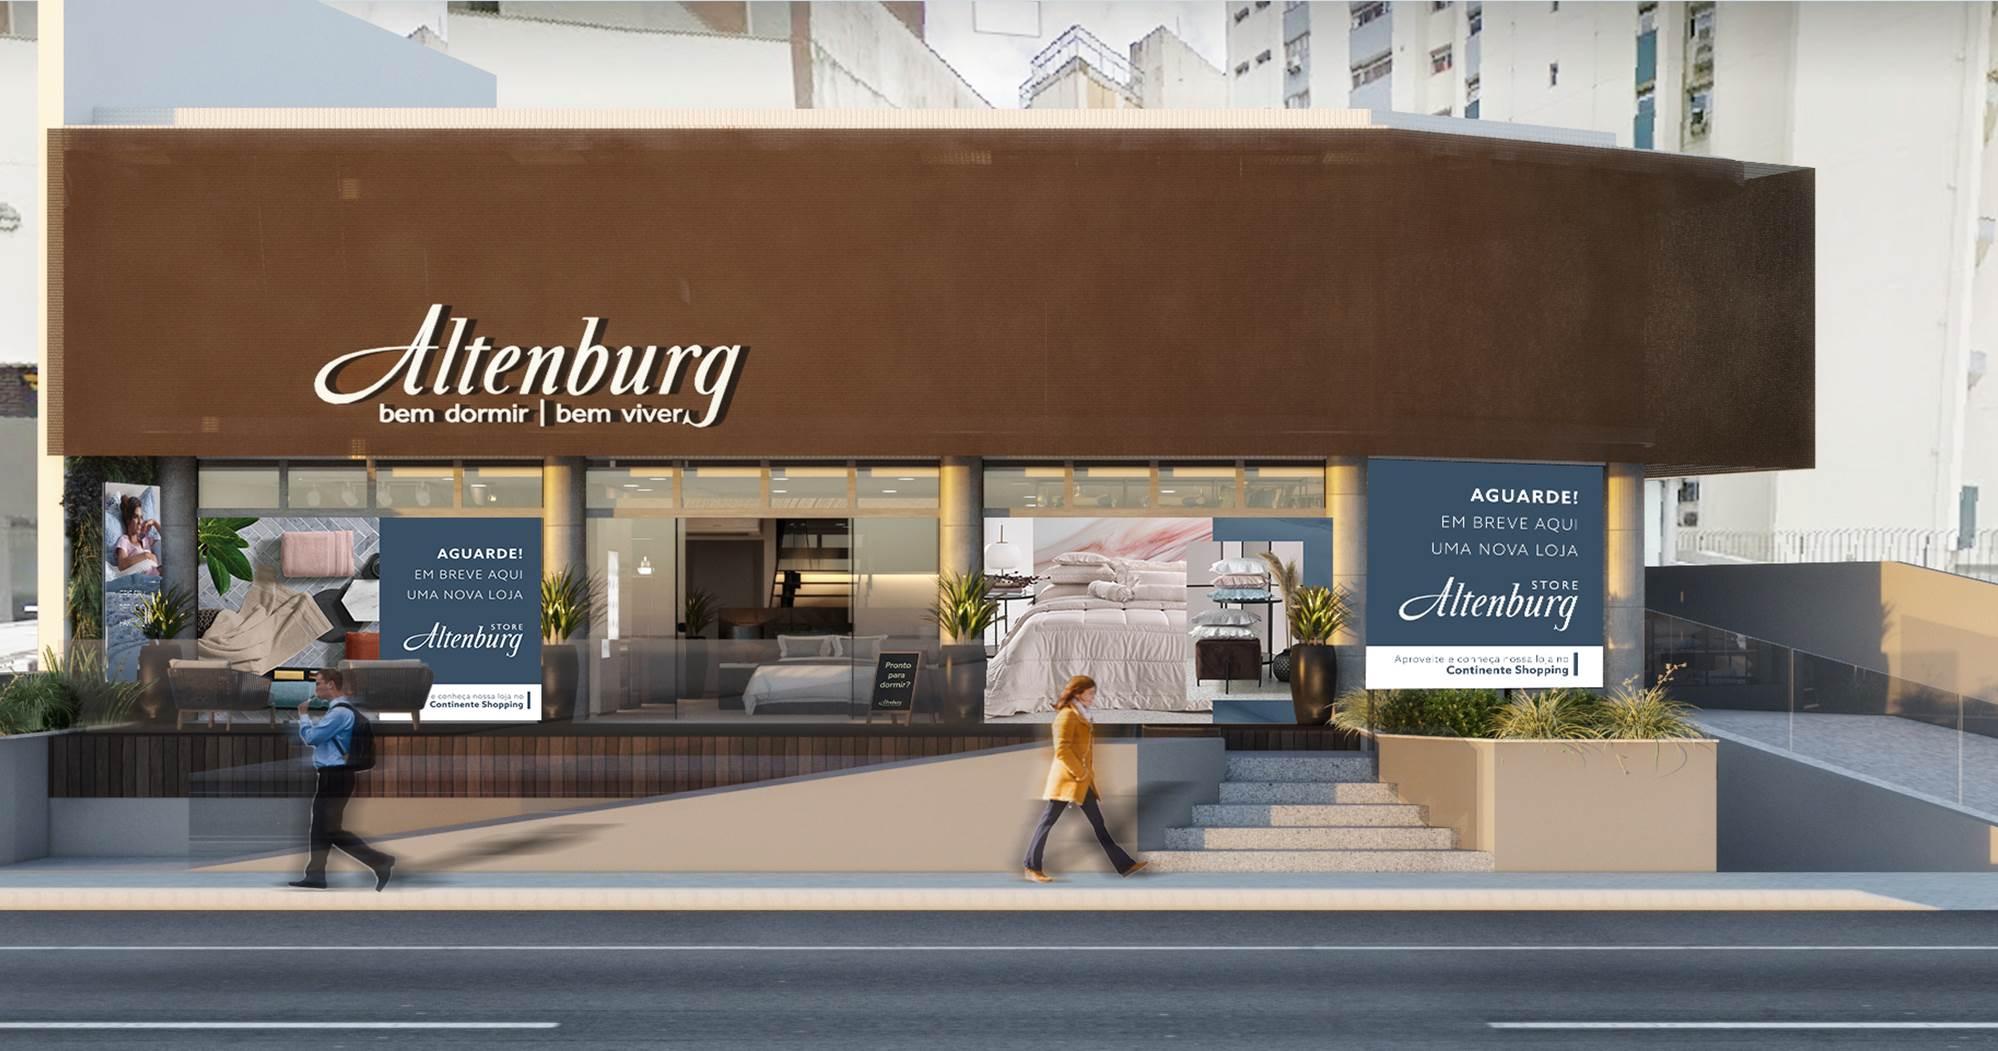 Altenburg inaugura loja conceito em Florianópolis